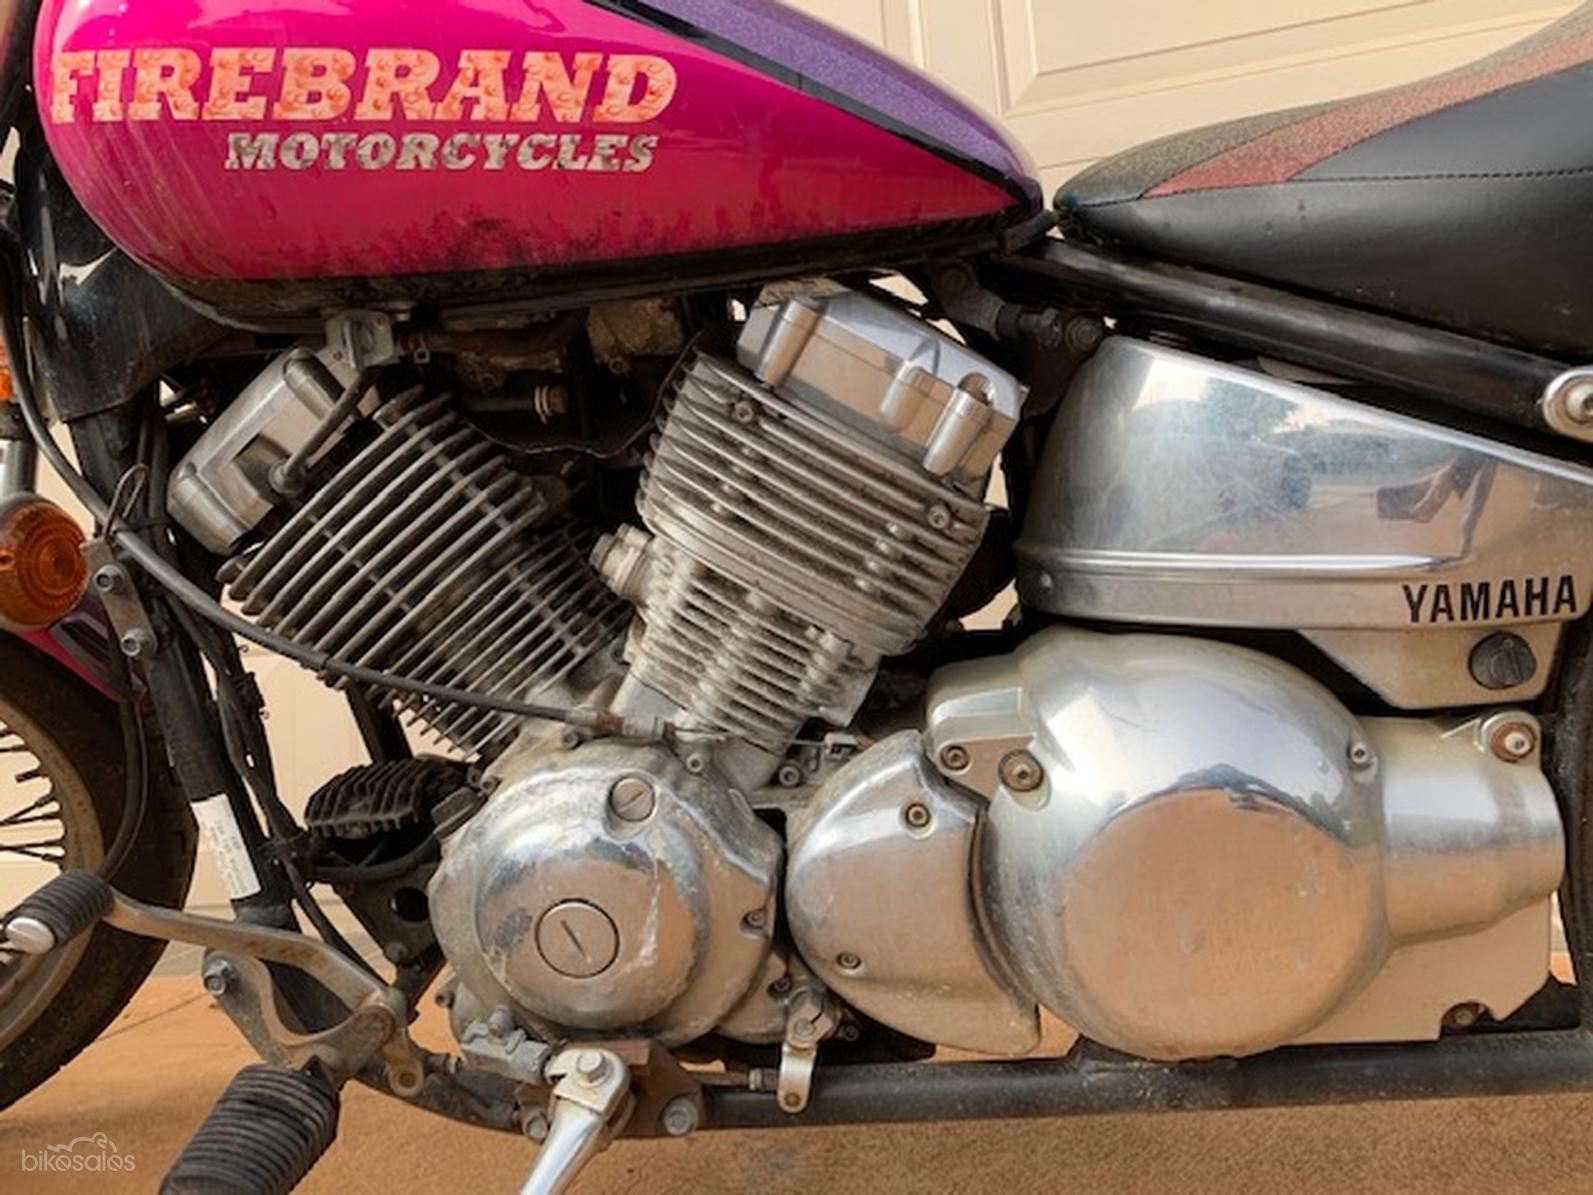 1997 Yamaha XVS650 (Drag Star)-SSE-AD-6186172 - bikesales com au